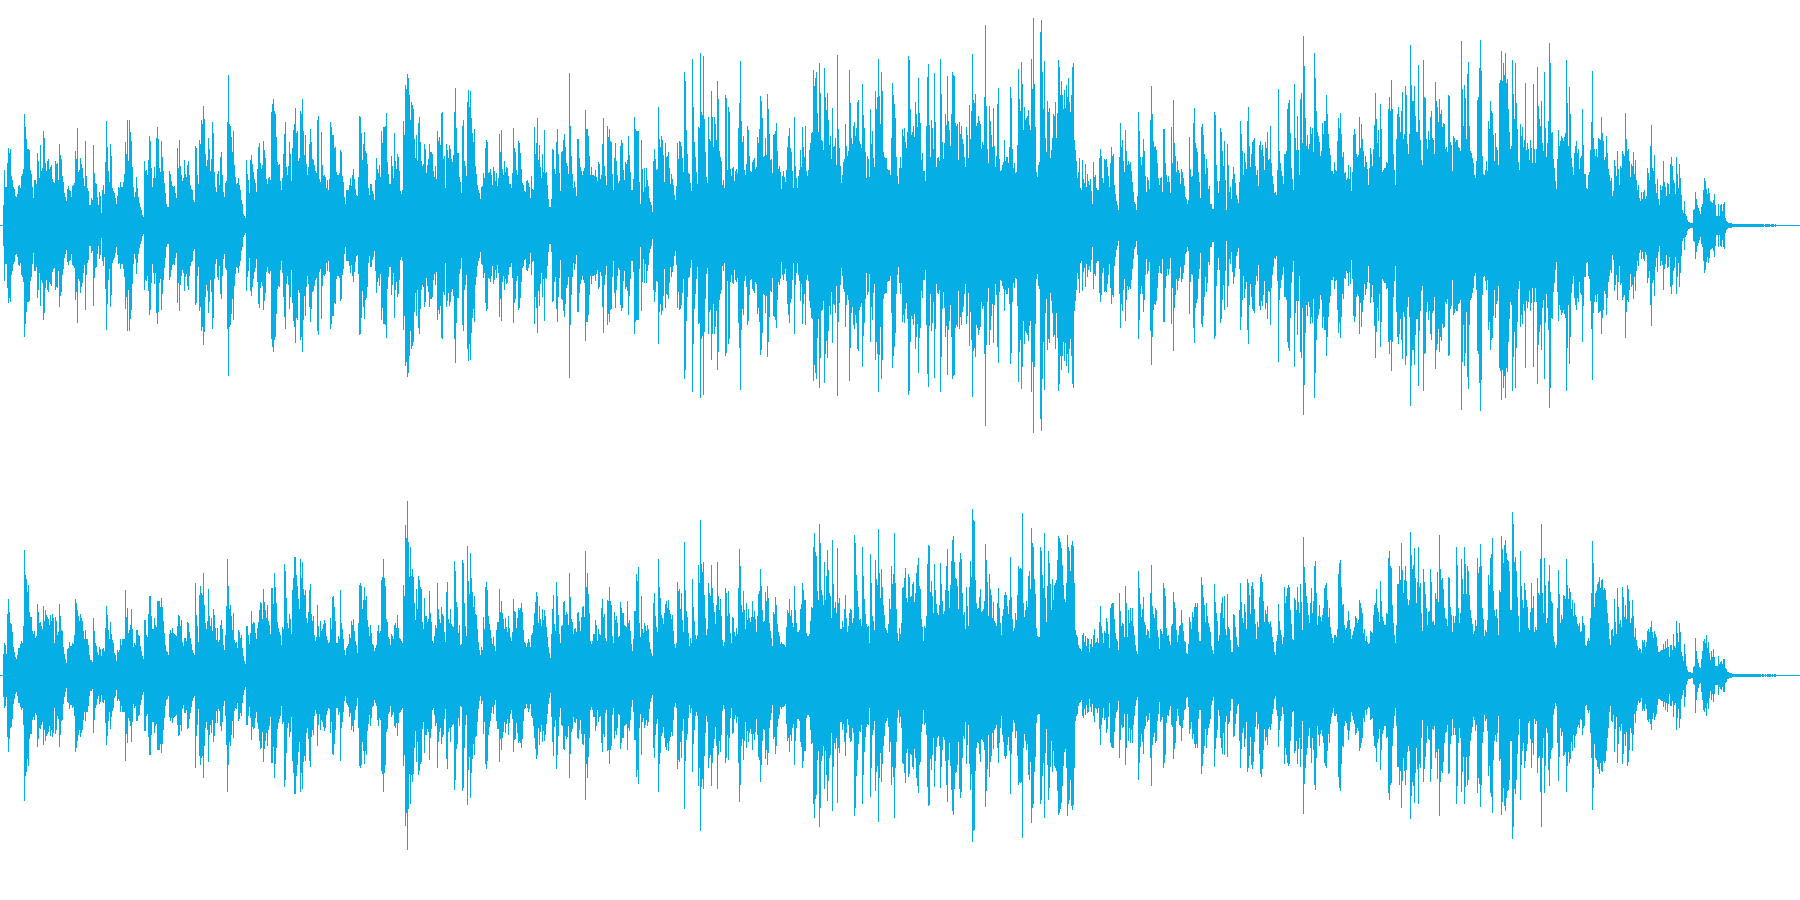 メロディアスで美しいバラードのピアノソロの再生済みの波形